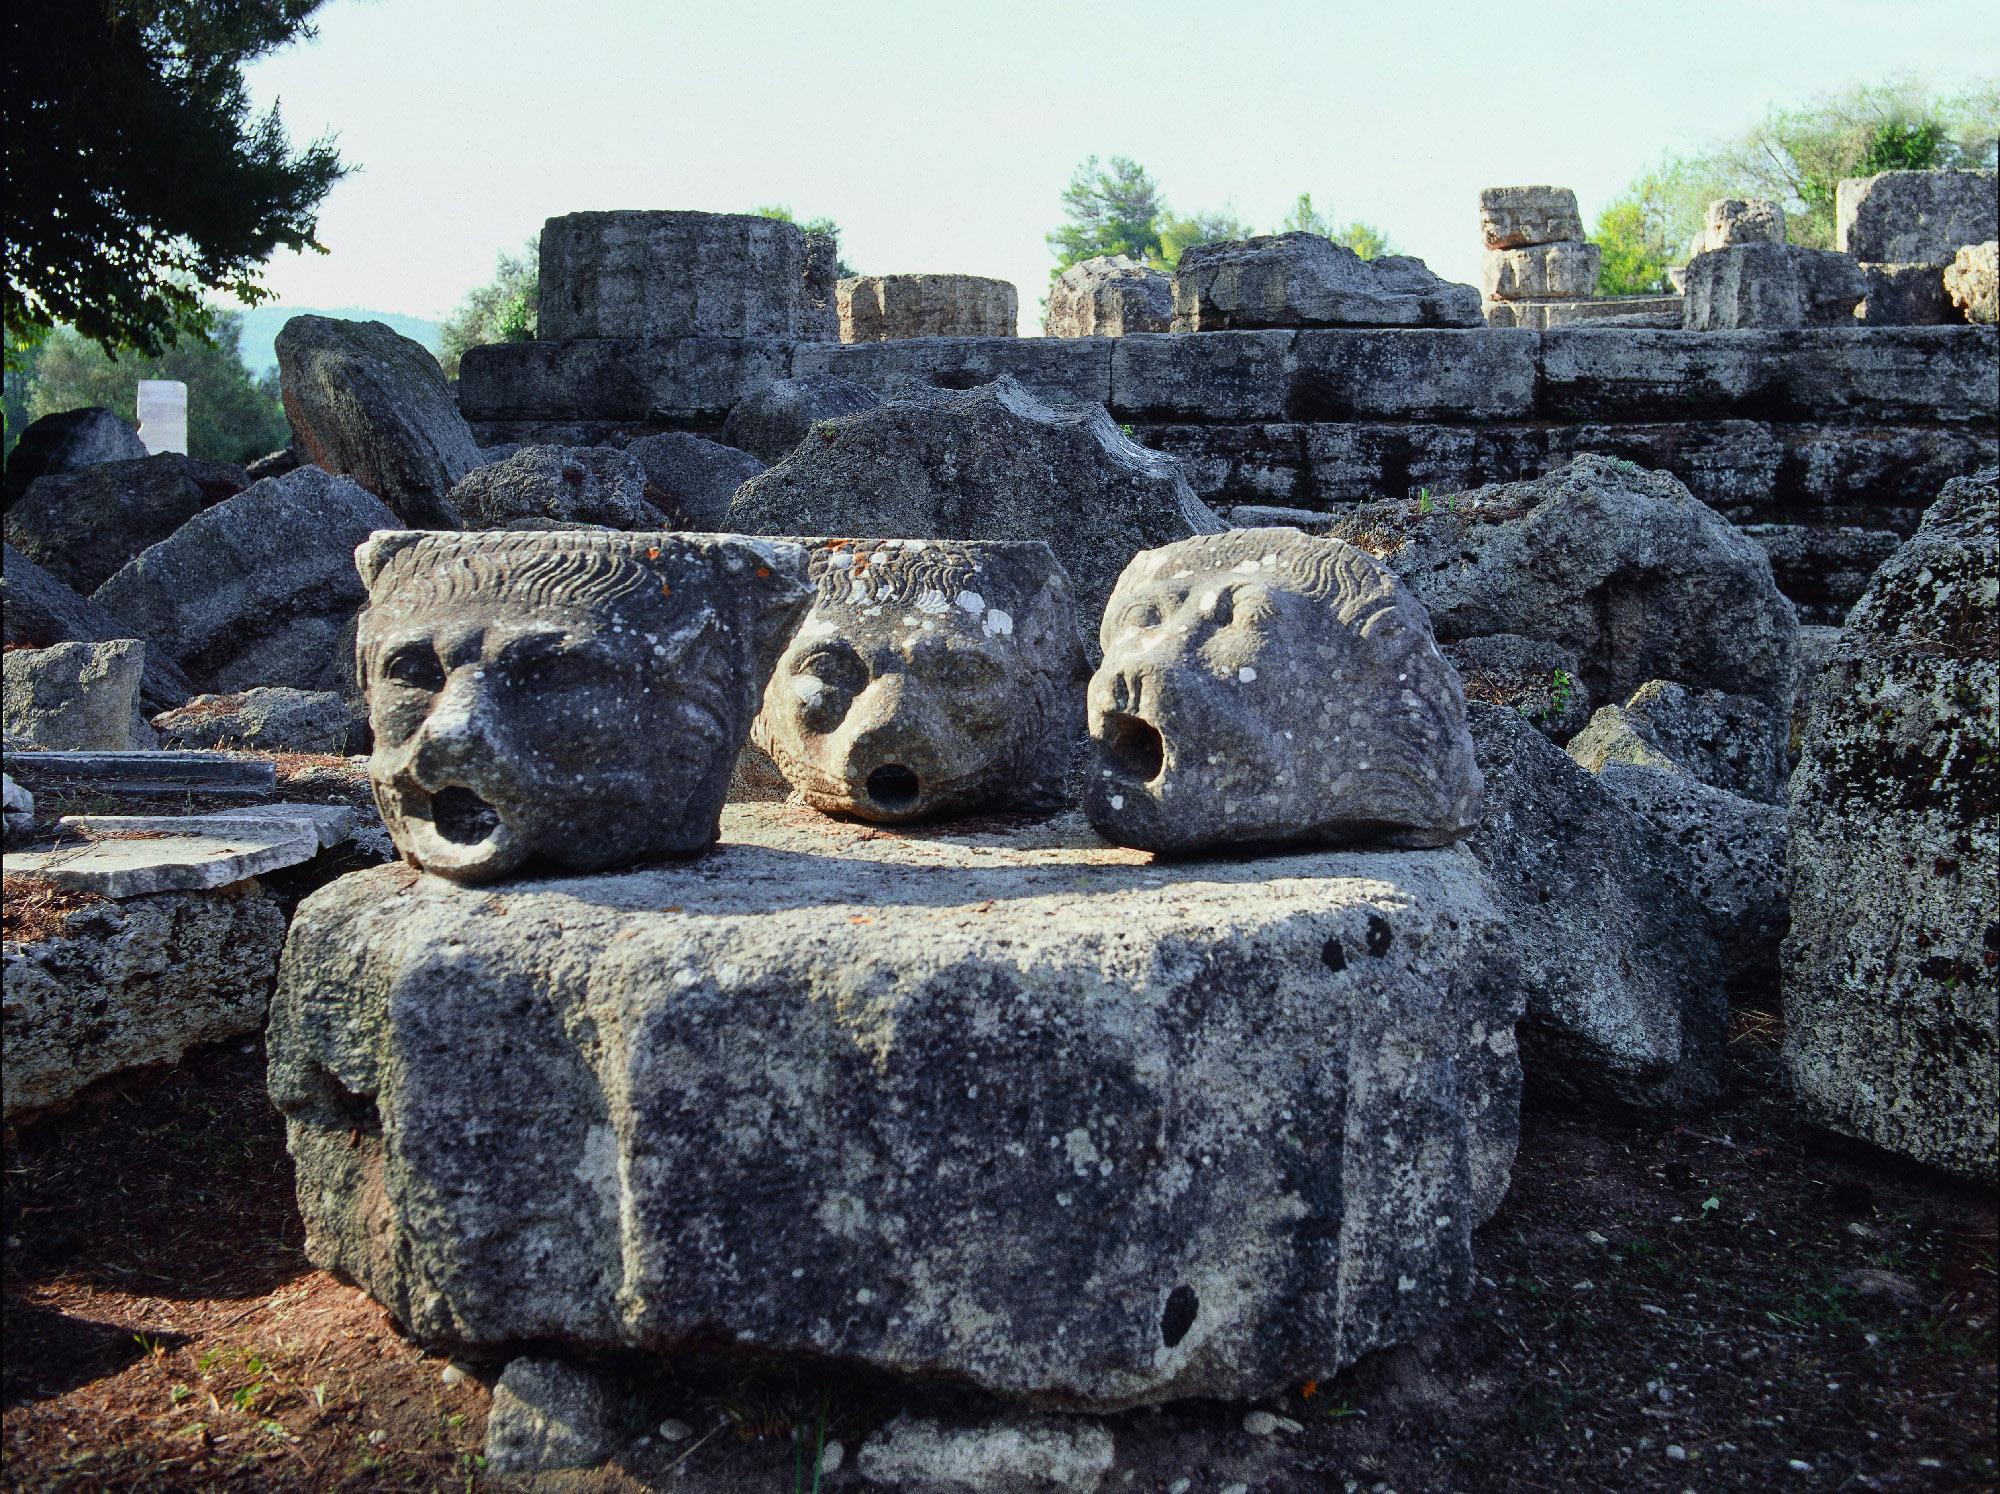 De l'eau jaillissait autrefois de ces têtes de lion en marbre dans l'impressionnant Temple de Zeus. - © Ministère Hellénique de la Culture et des Sports / Ephorat des Antiquités d'Ilia